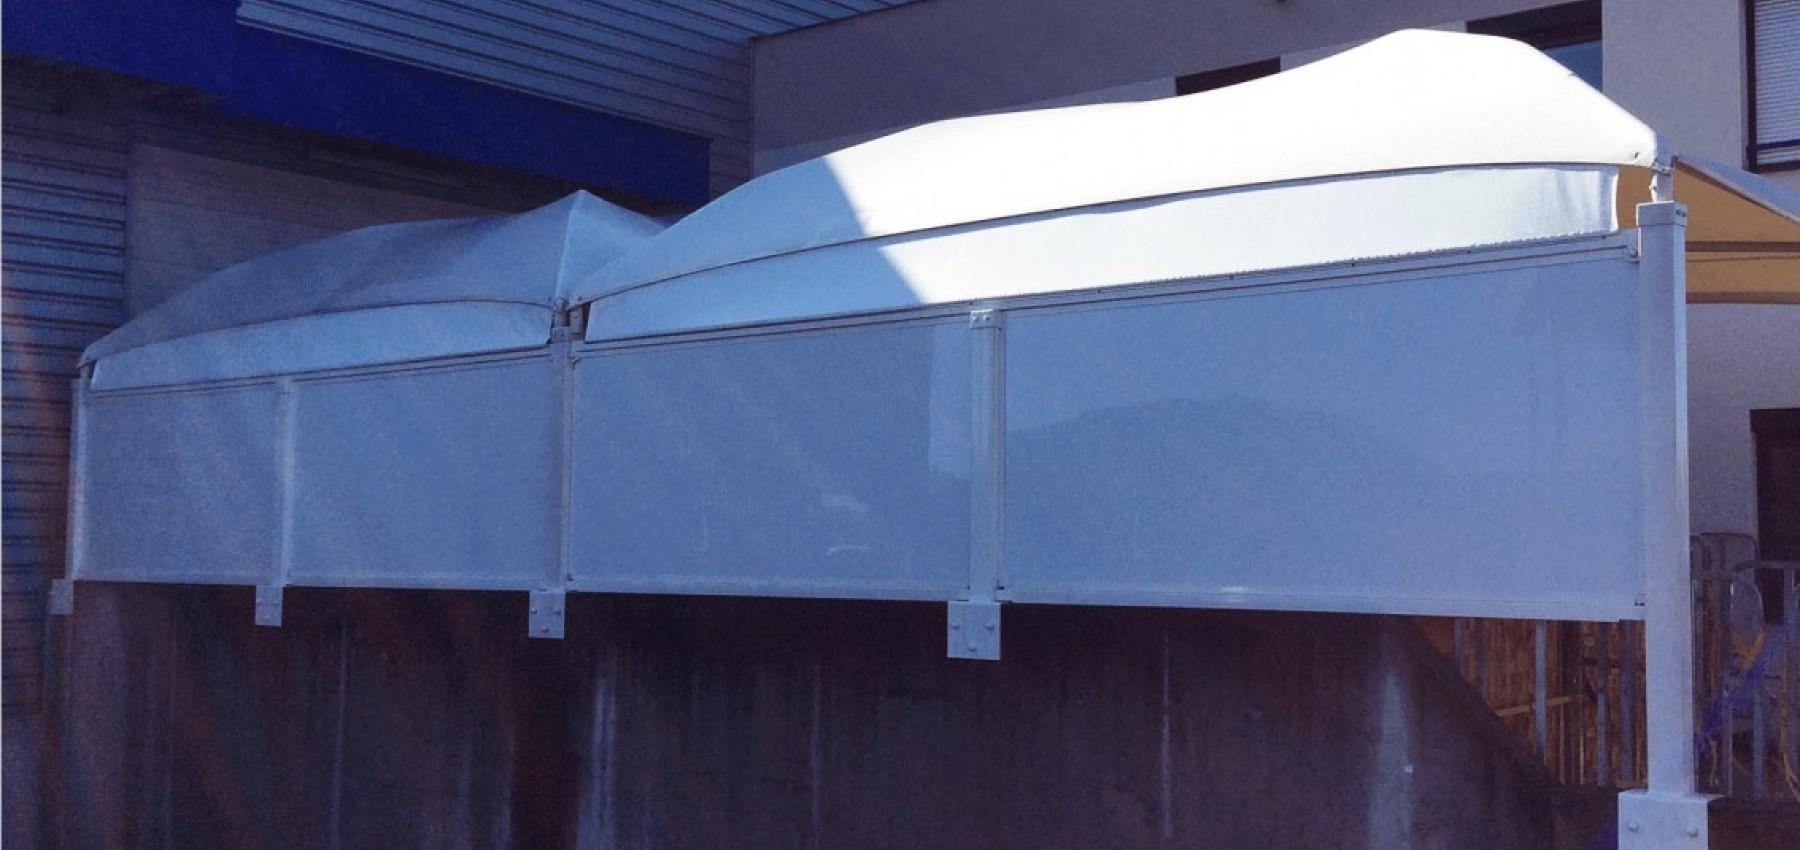 Texabri construit des abris en toile tendue pour l'industrie